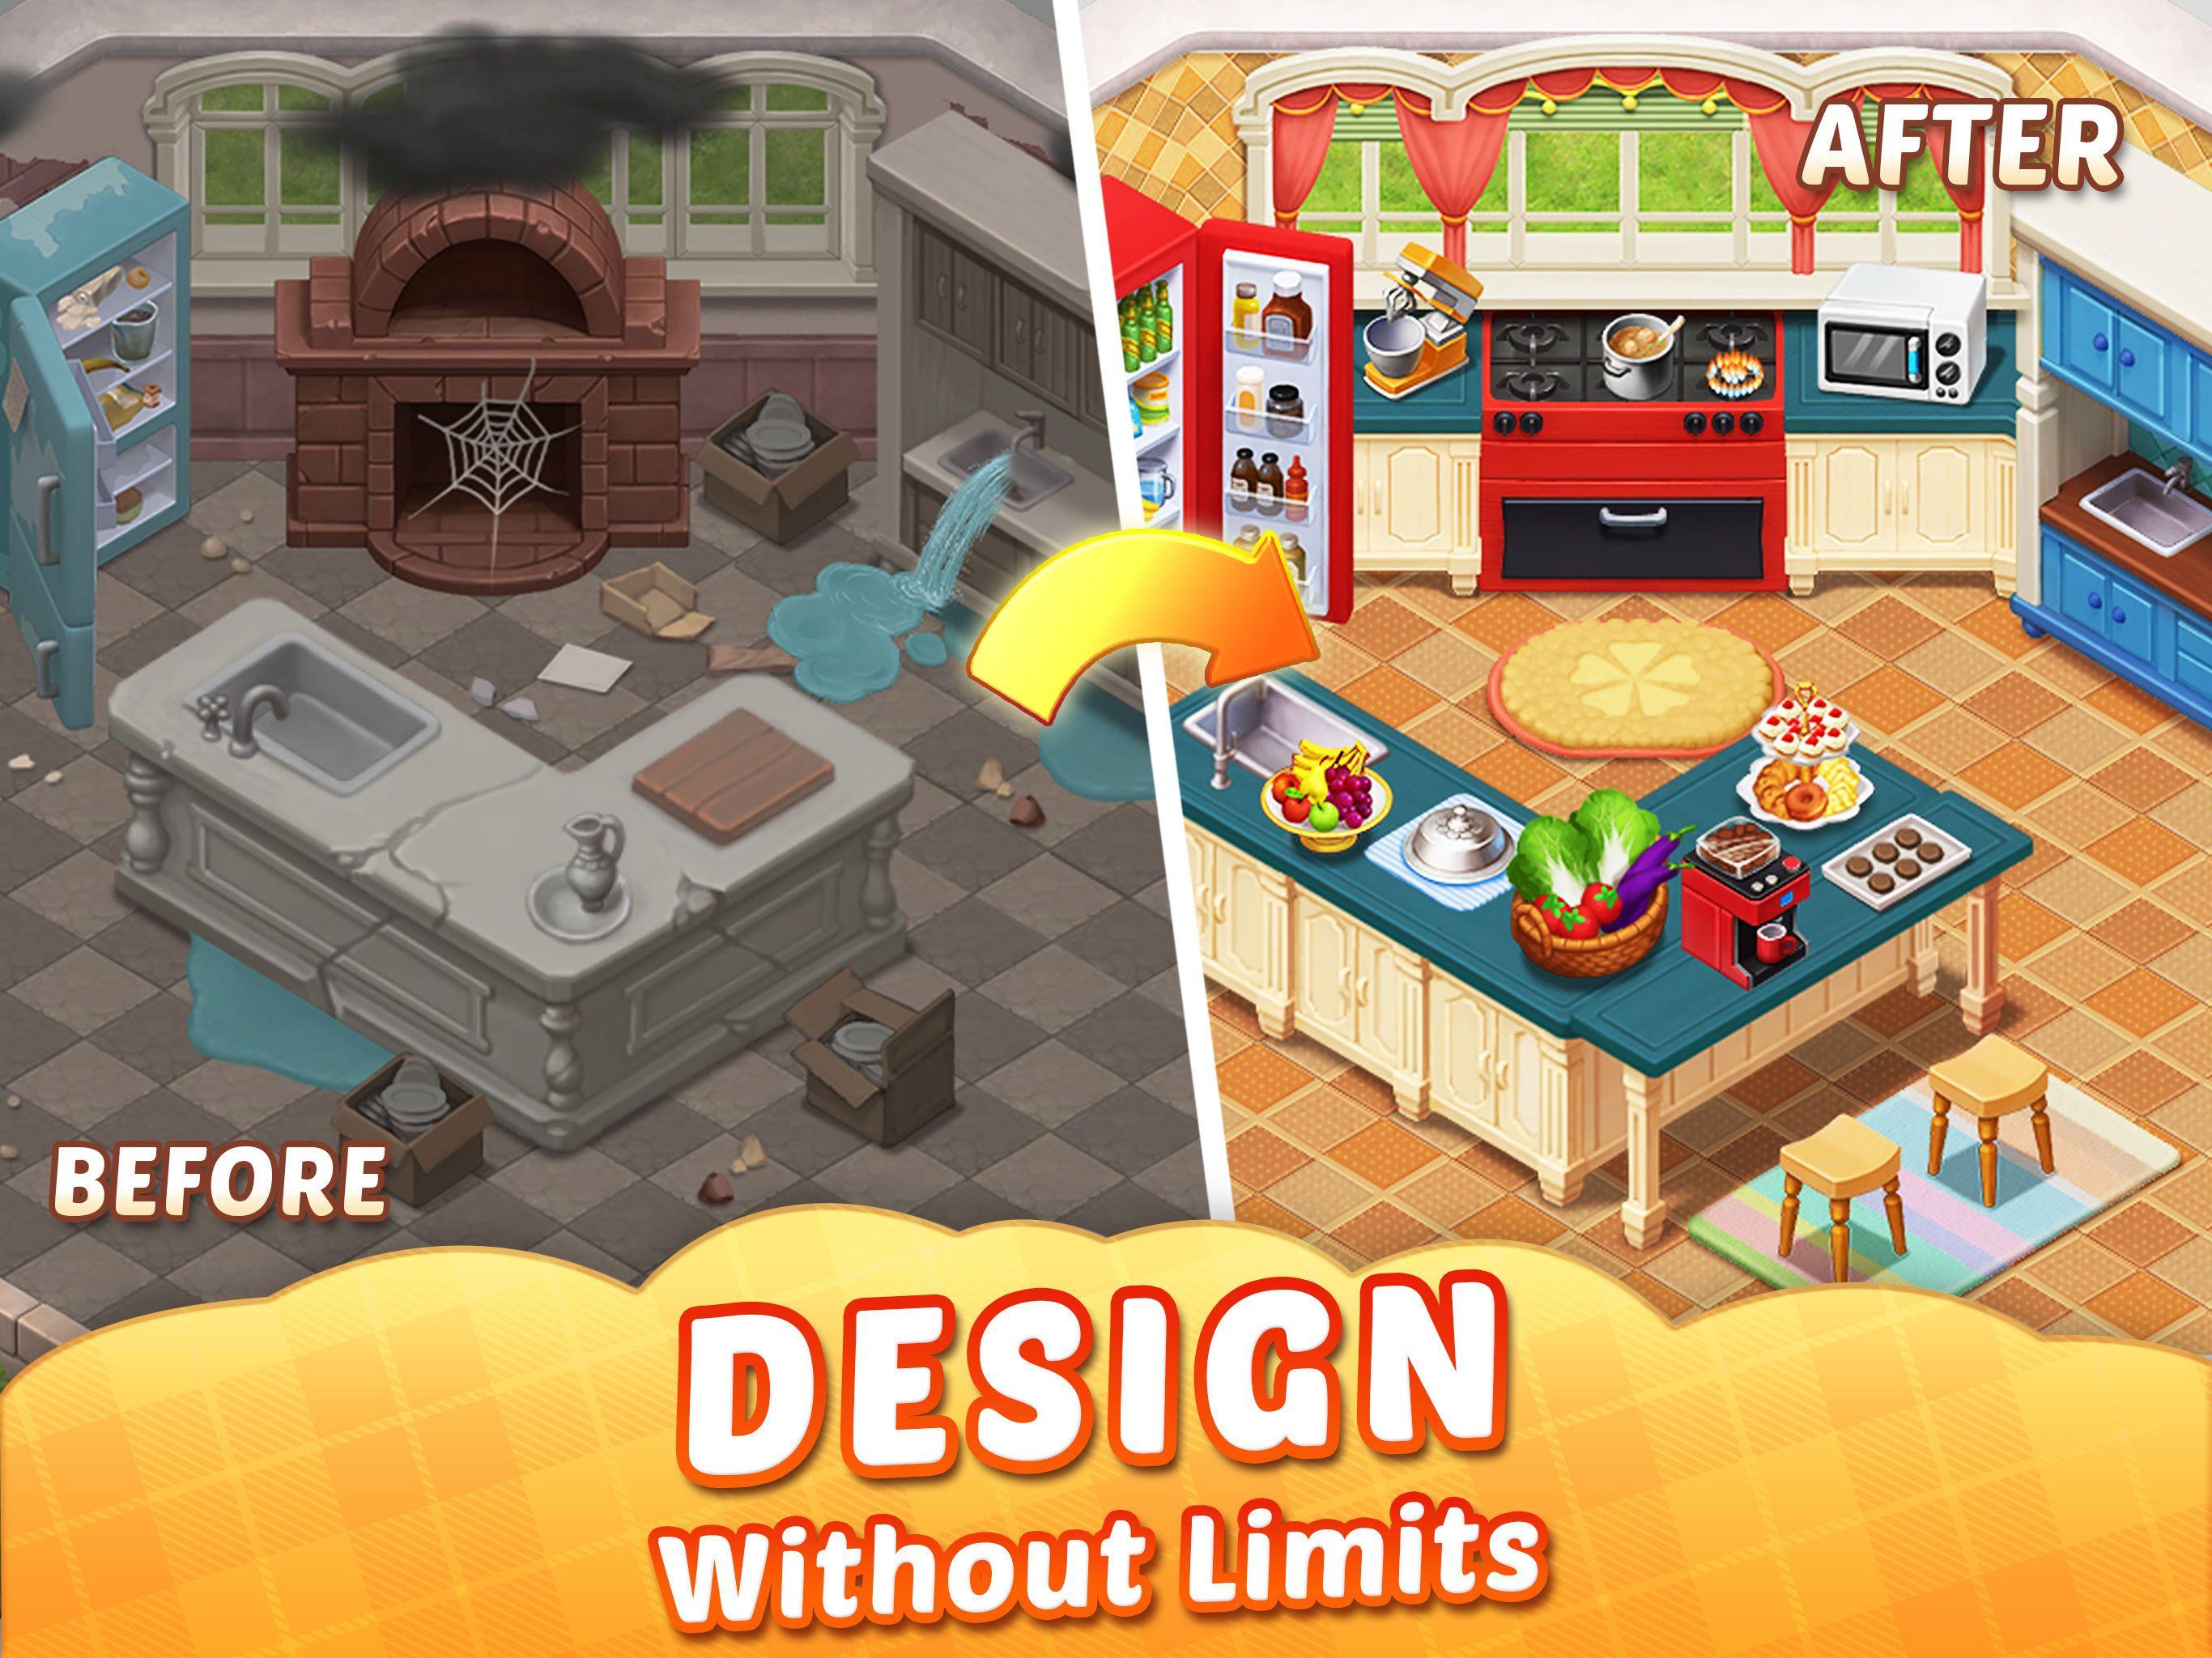 Matchington Mansion Luchshie Prilozheniya Magazina Ios Store App Annie Best Games Design App